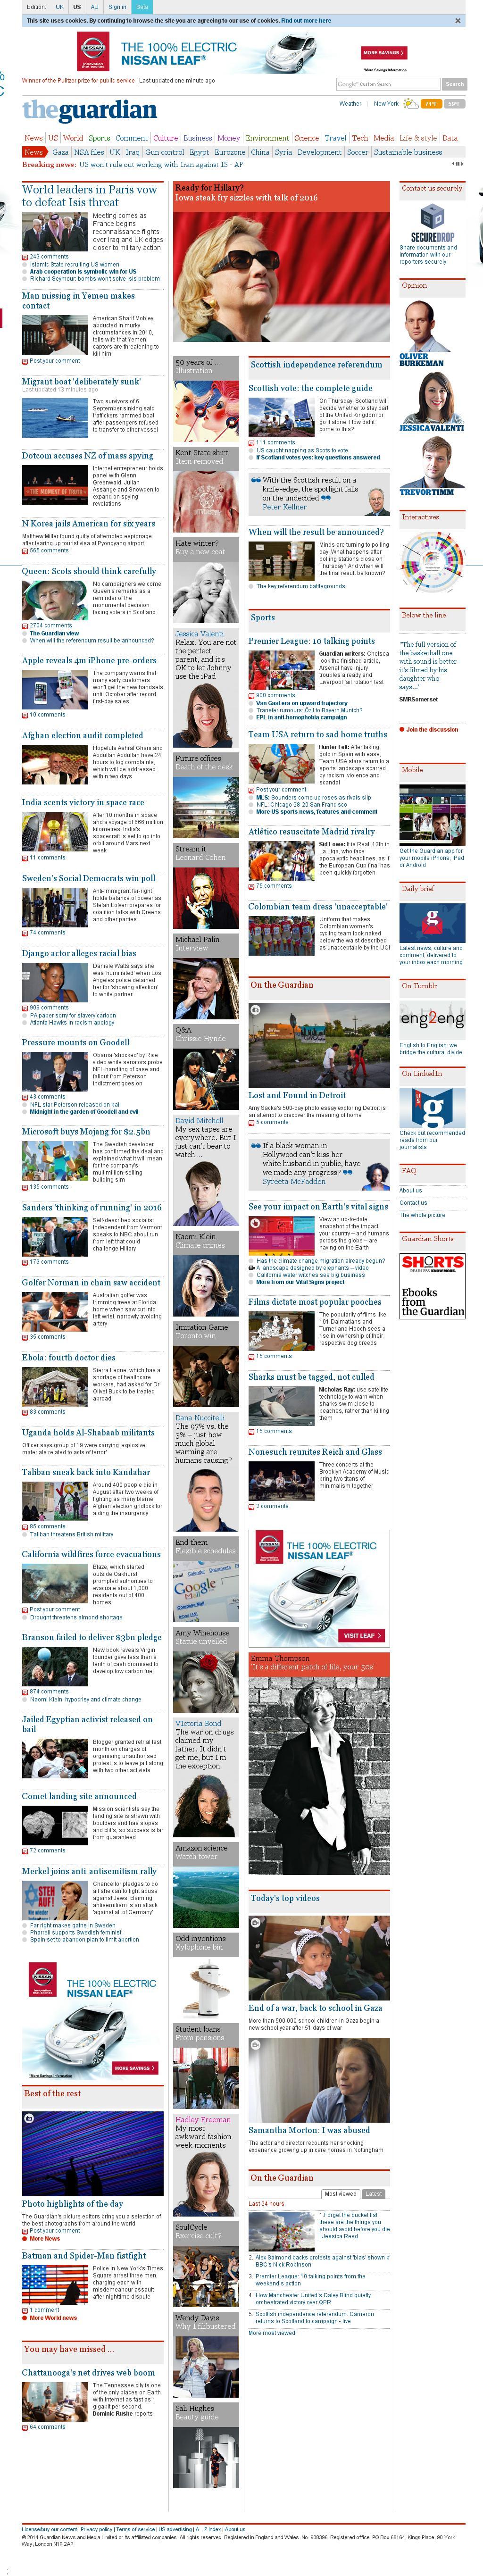 The Guardian at Monday Sept. 15, 2014, 4:07 p.m. UTC